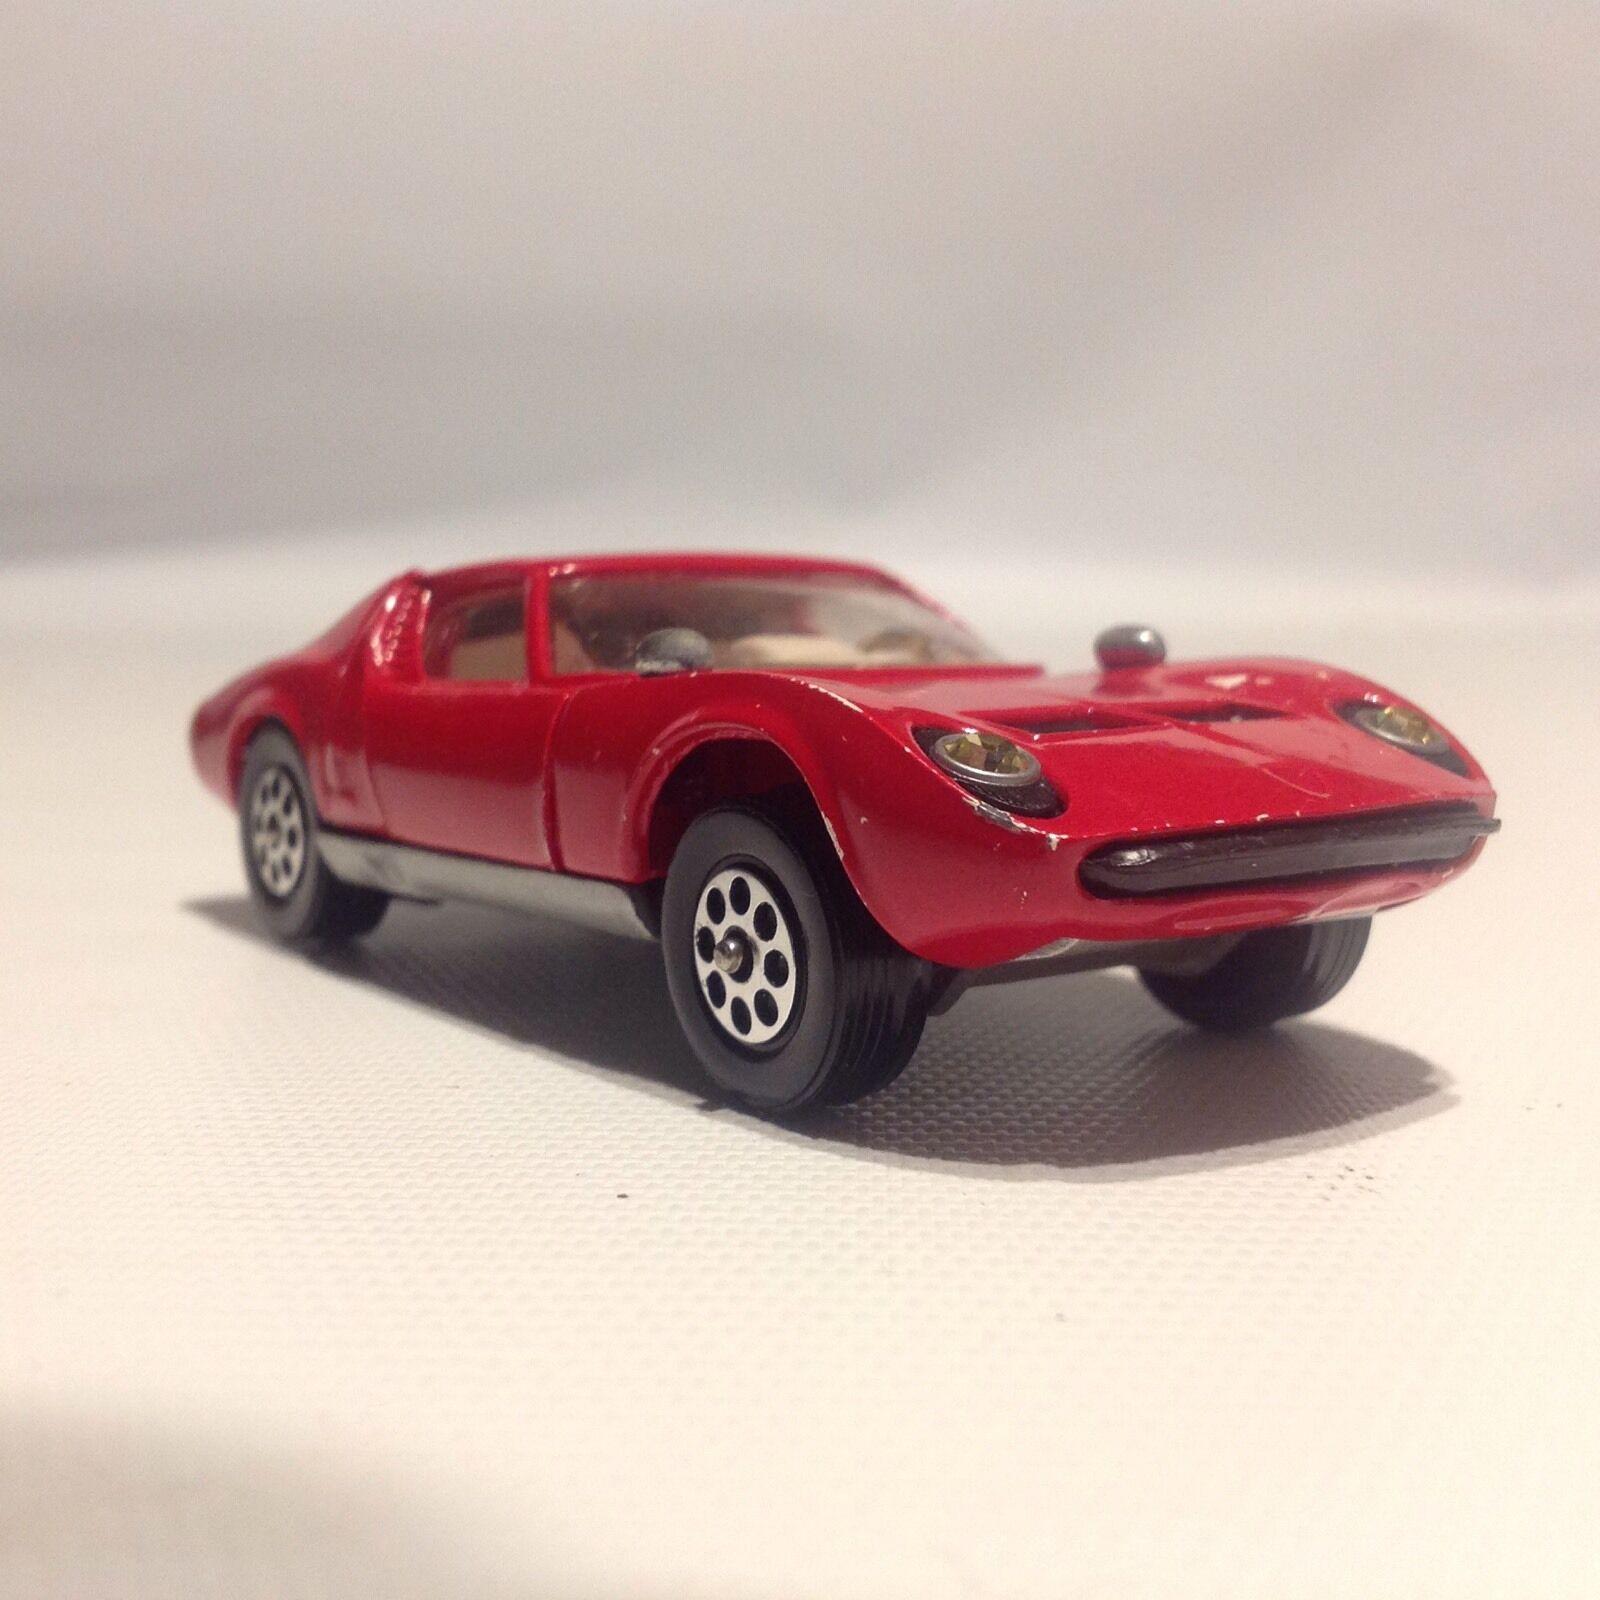 Corgi Toys LAMBORGHINI MIURA P400 Red Car